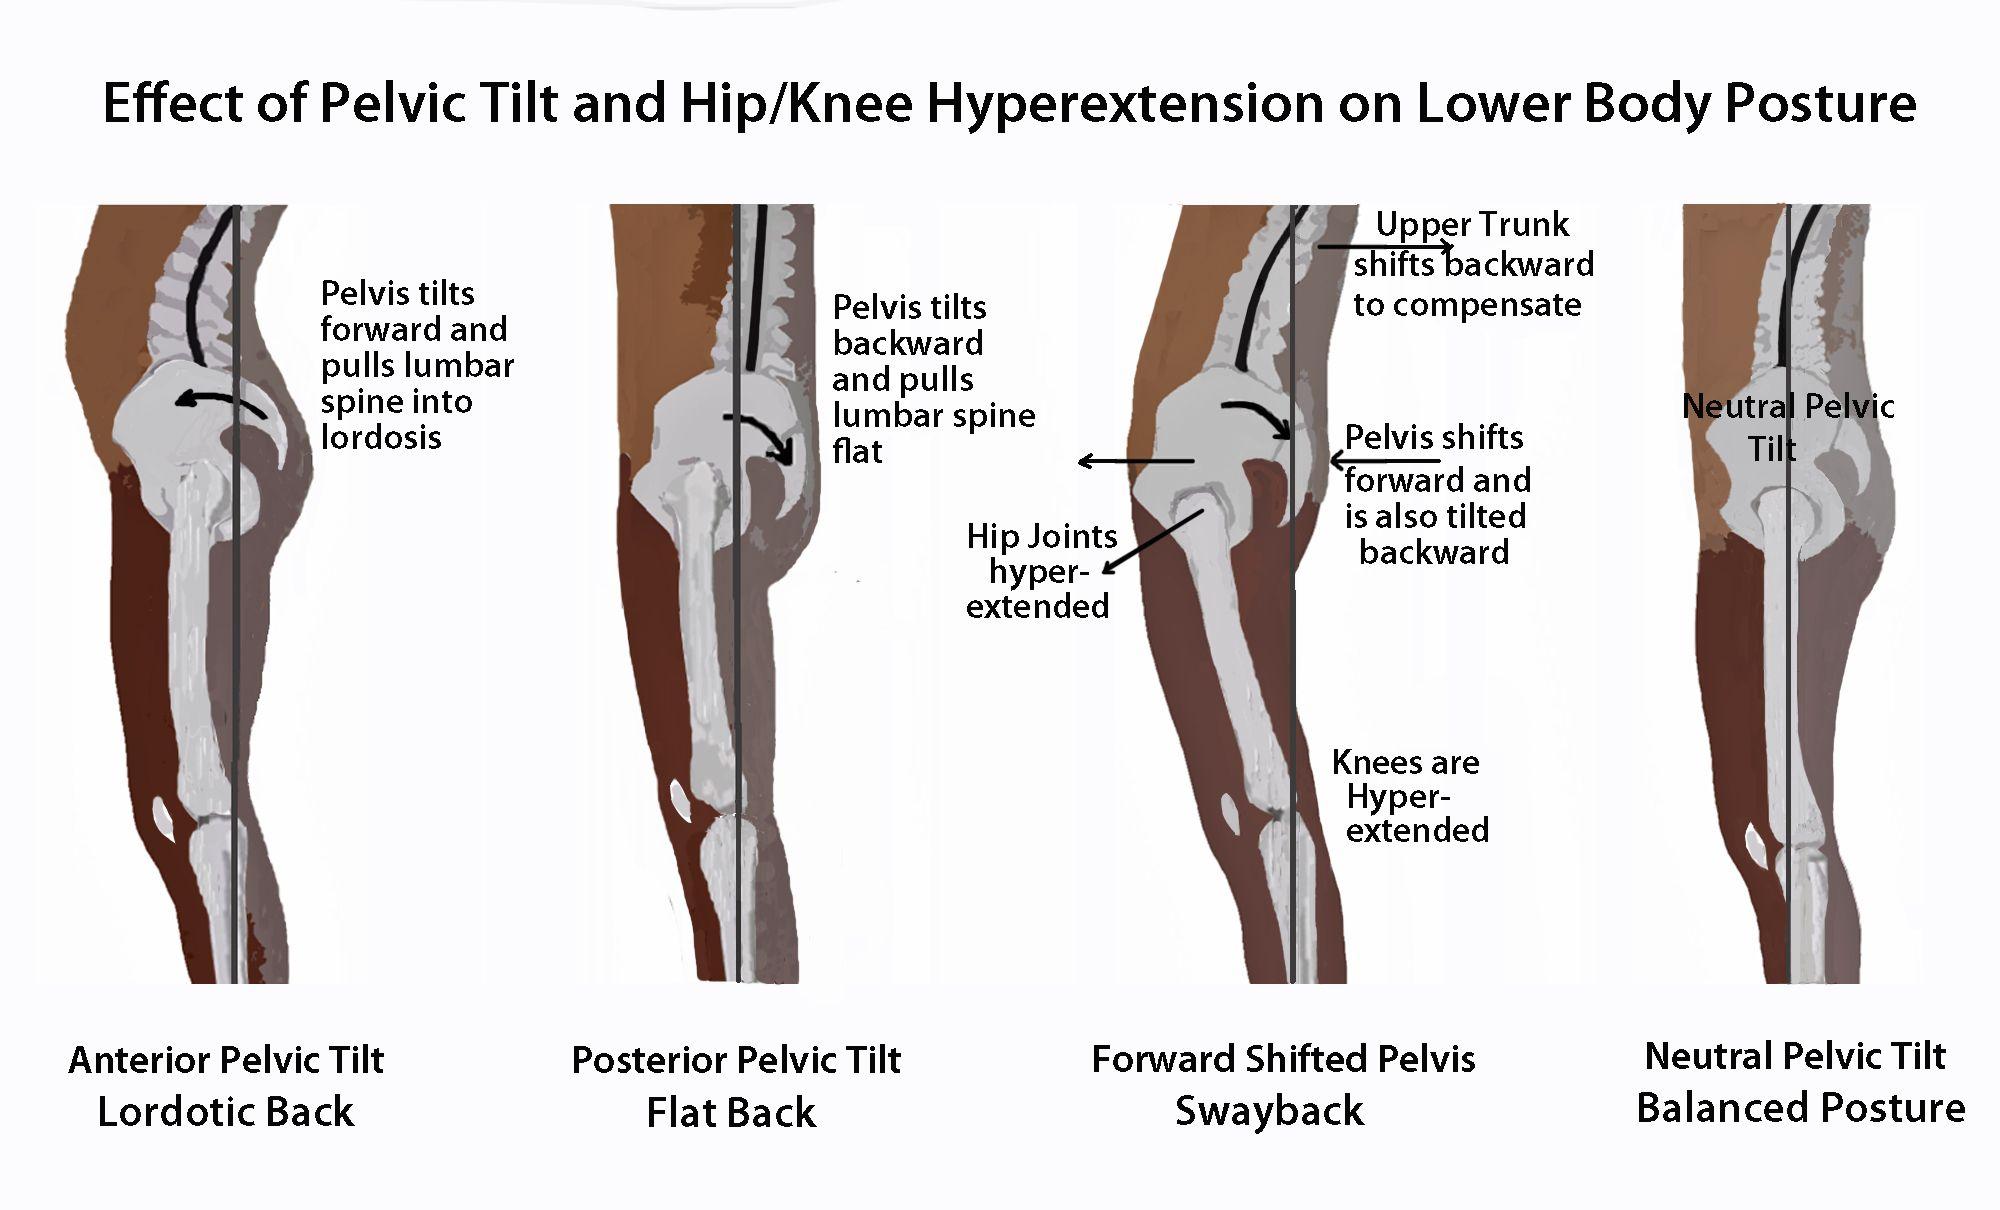 effect of pelvic tilt and hipknee hyperextension on lower